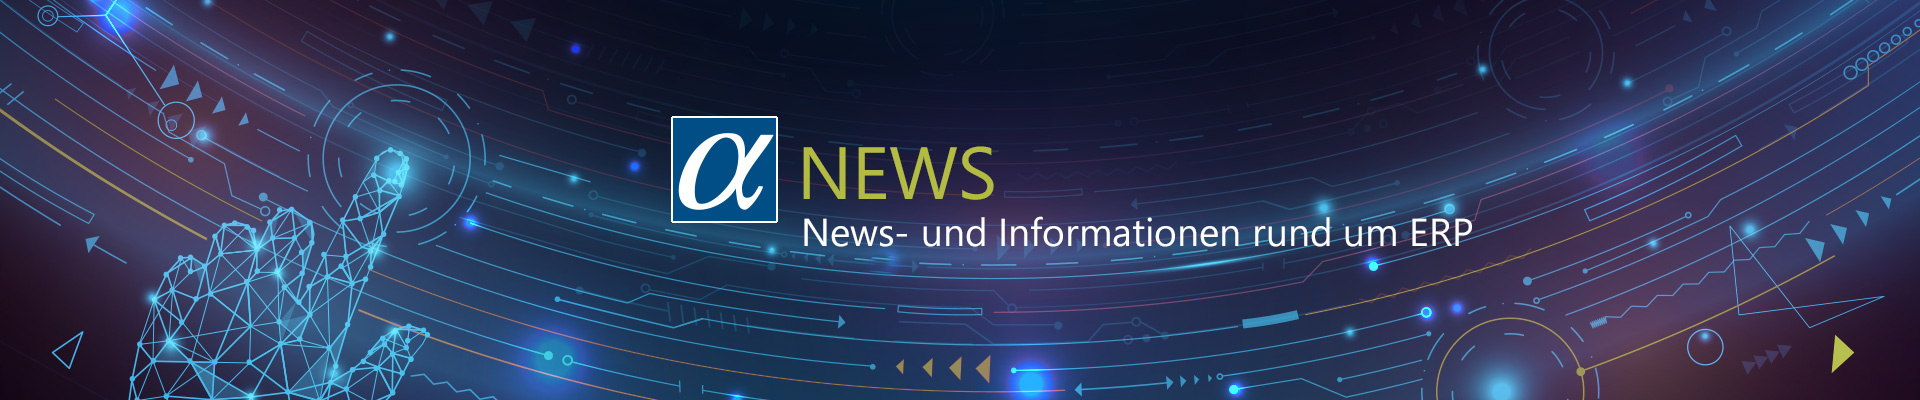 blogbilder-news2